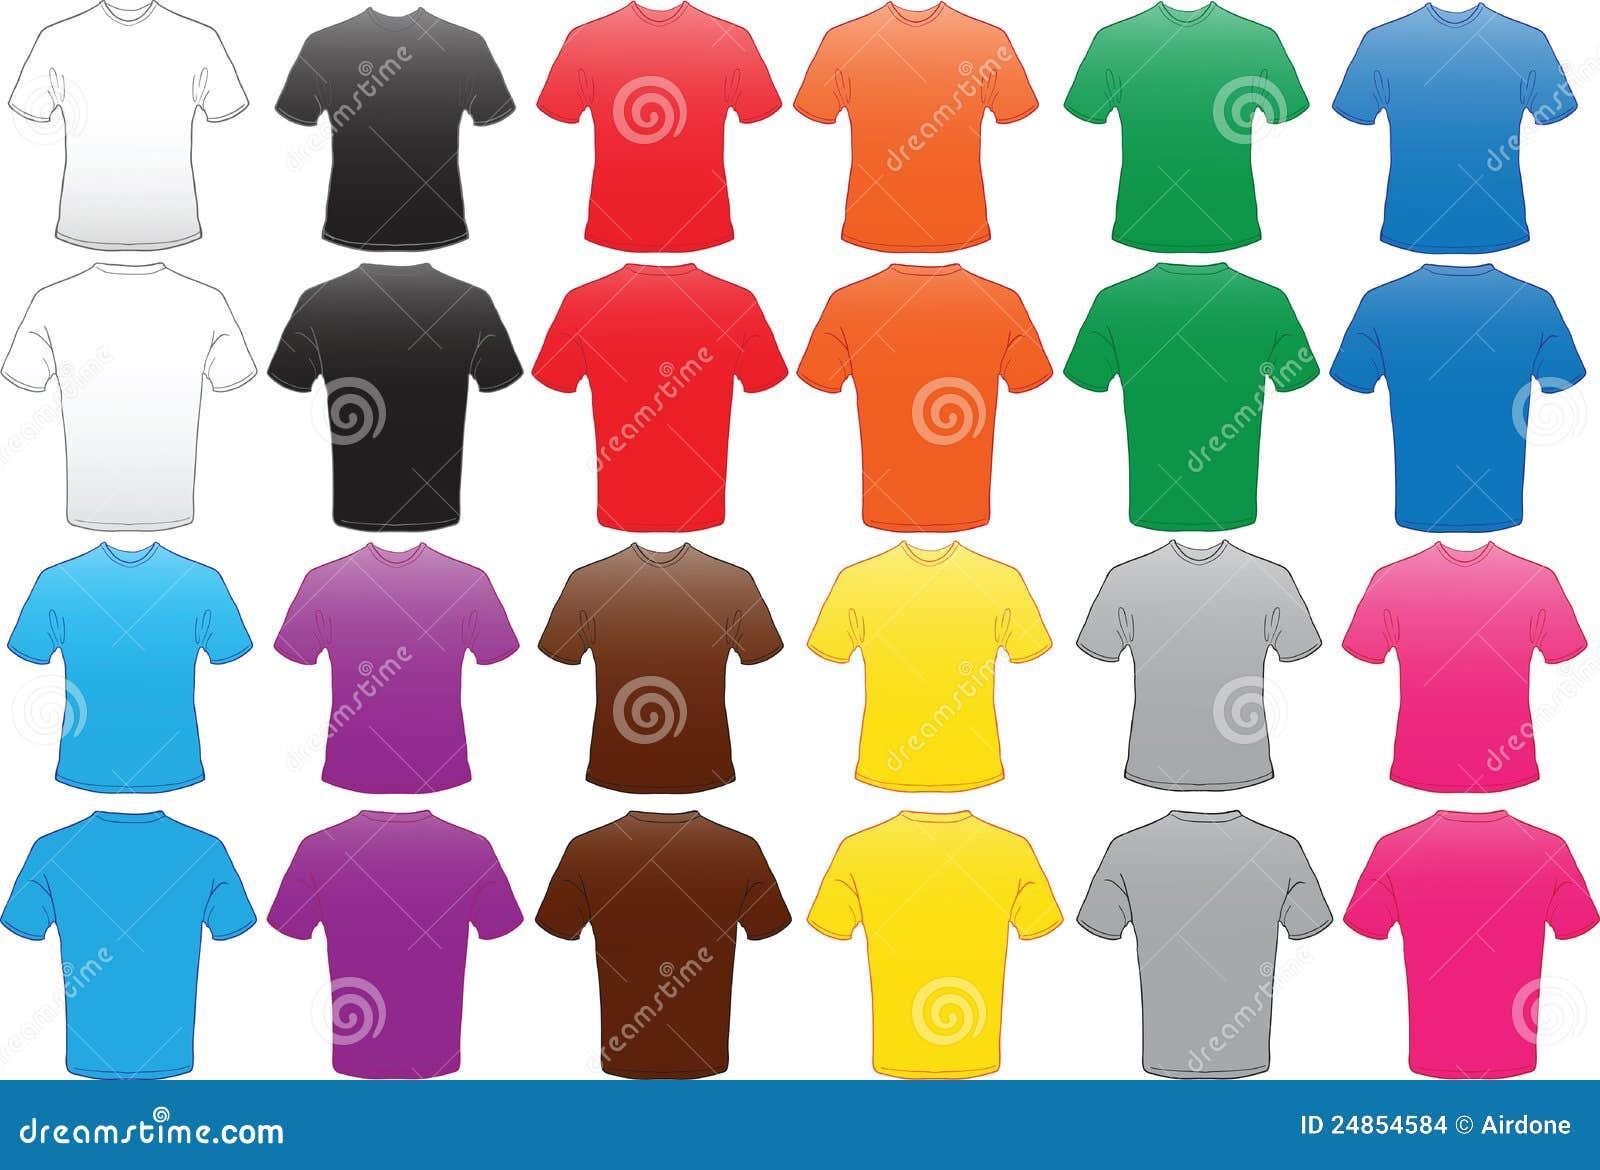 Männliche Hemdschablone In Vielen Farben Vektor Abbildung ...